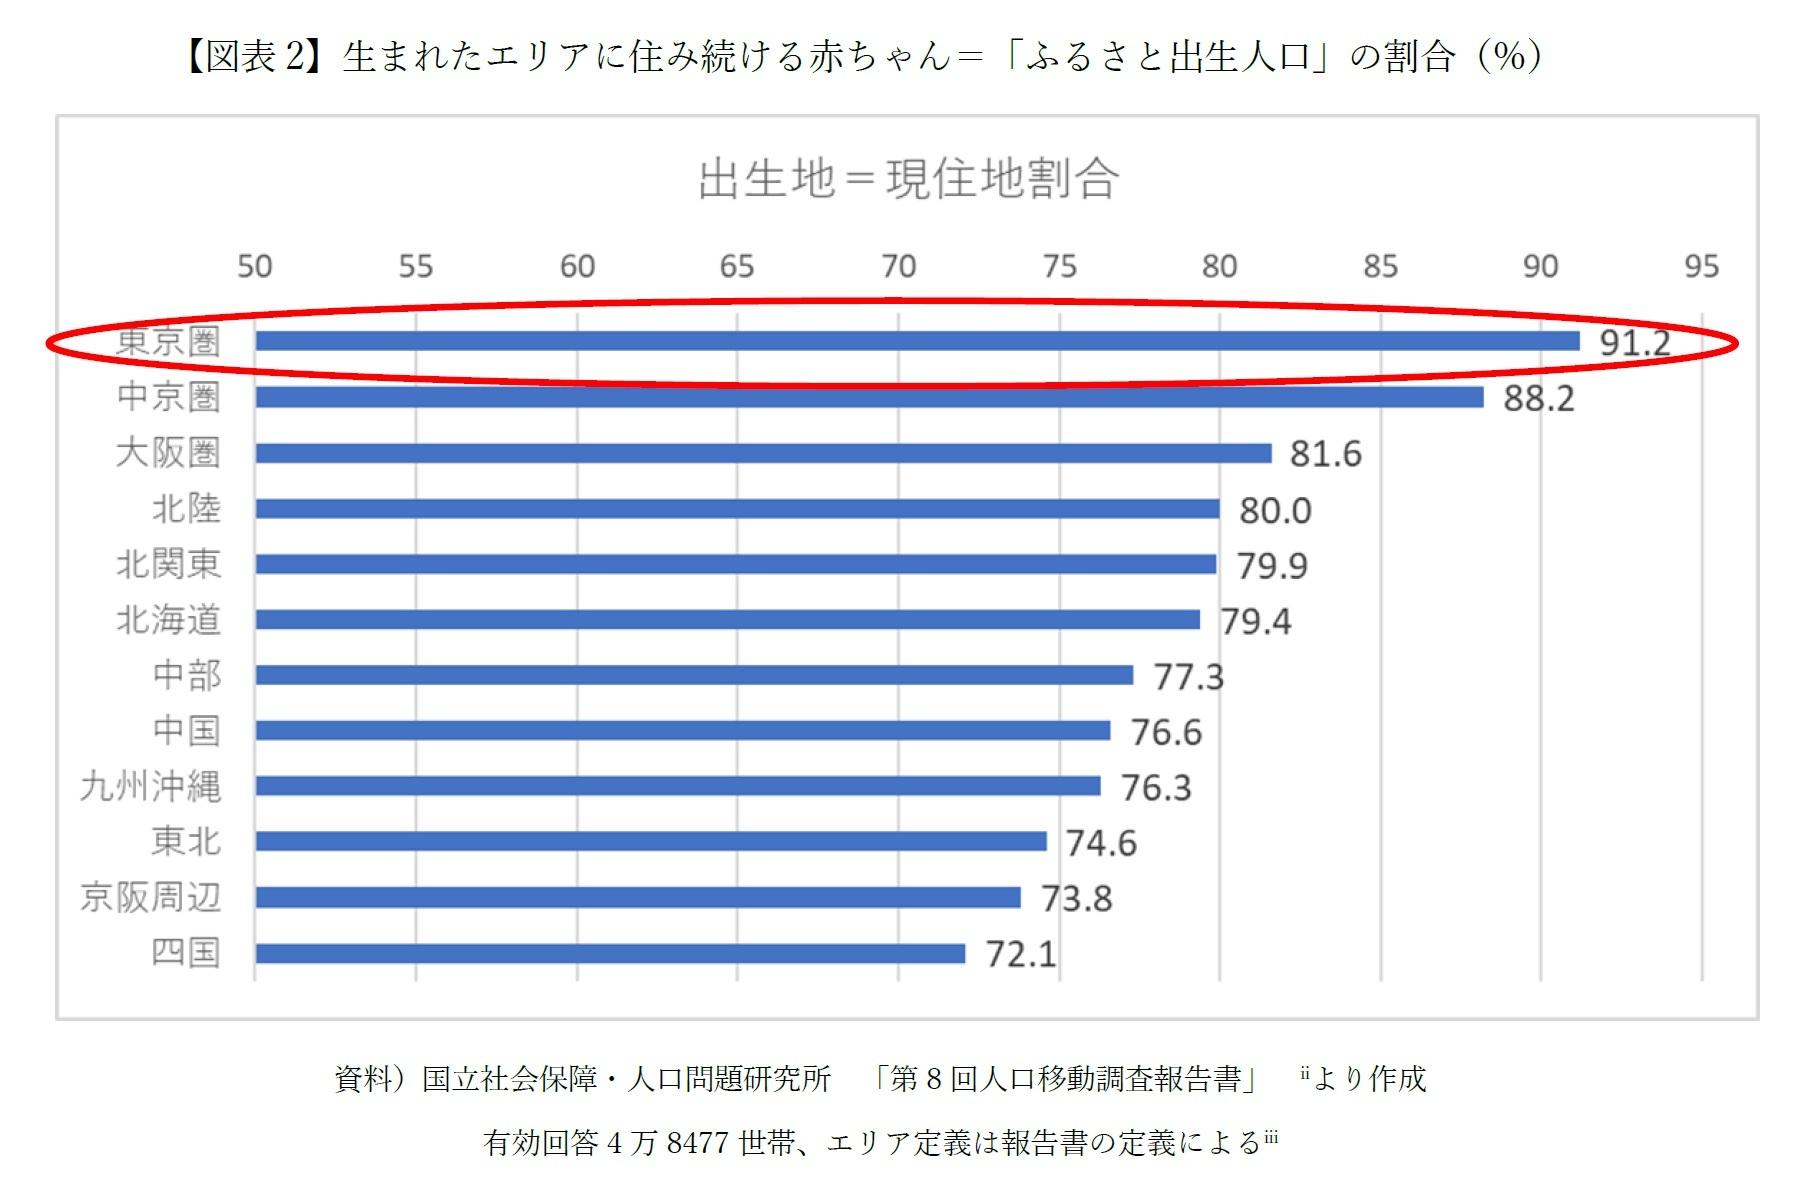 【図表2】生まれたエリアに住み続ける赤ちゃん=「ふるさと出生人口」の割合(%)